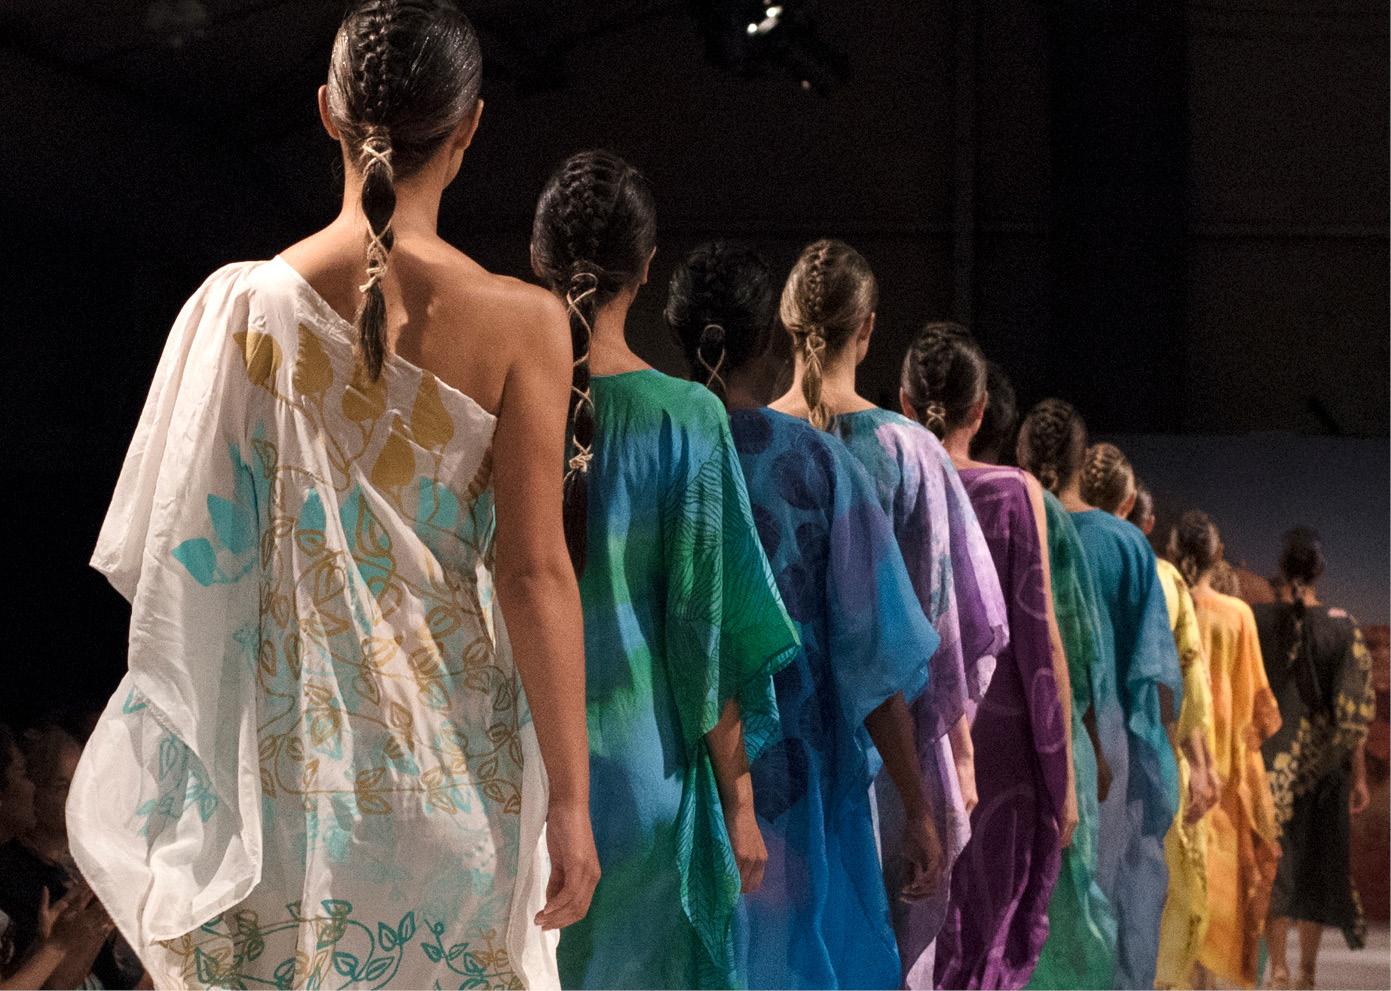 """原住民艺术与时尚融合,澳大利亚达尔文原住民艺术节上演""""民族风情""""时装秀"""